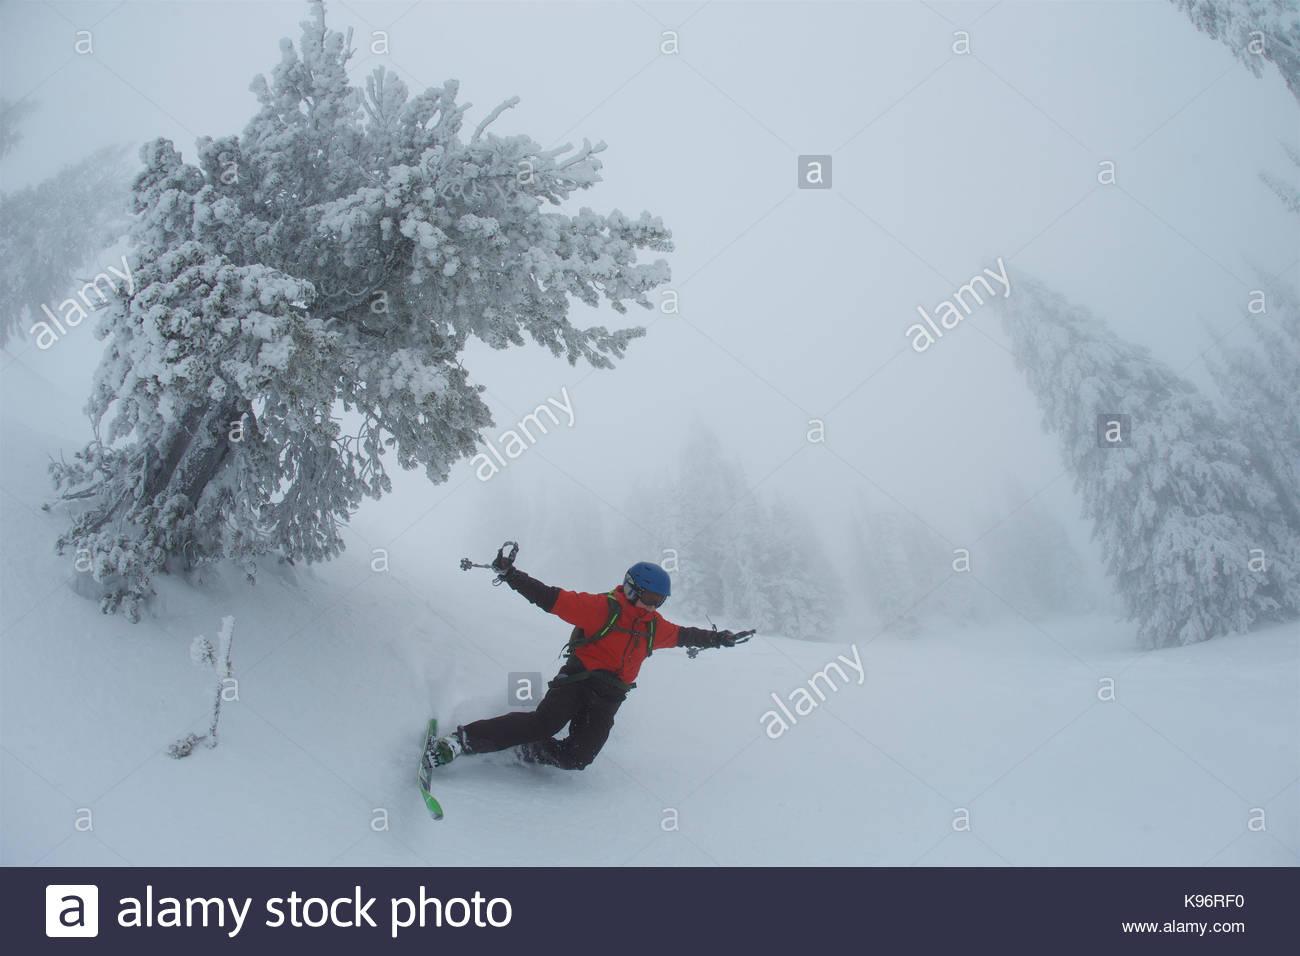 Un adolescente ragazzo cade durante la pratica dello sci nella nebbia, whiteout condizioni nei pressi di rime coperti Immagini Stock